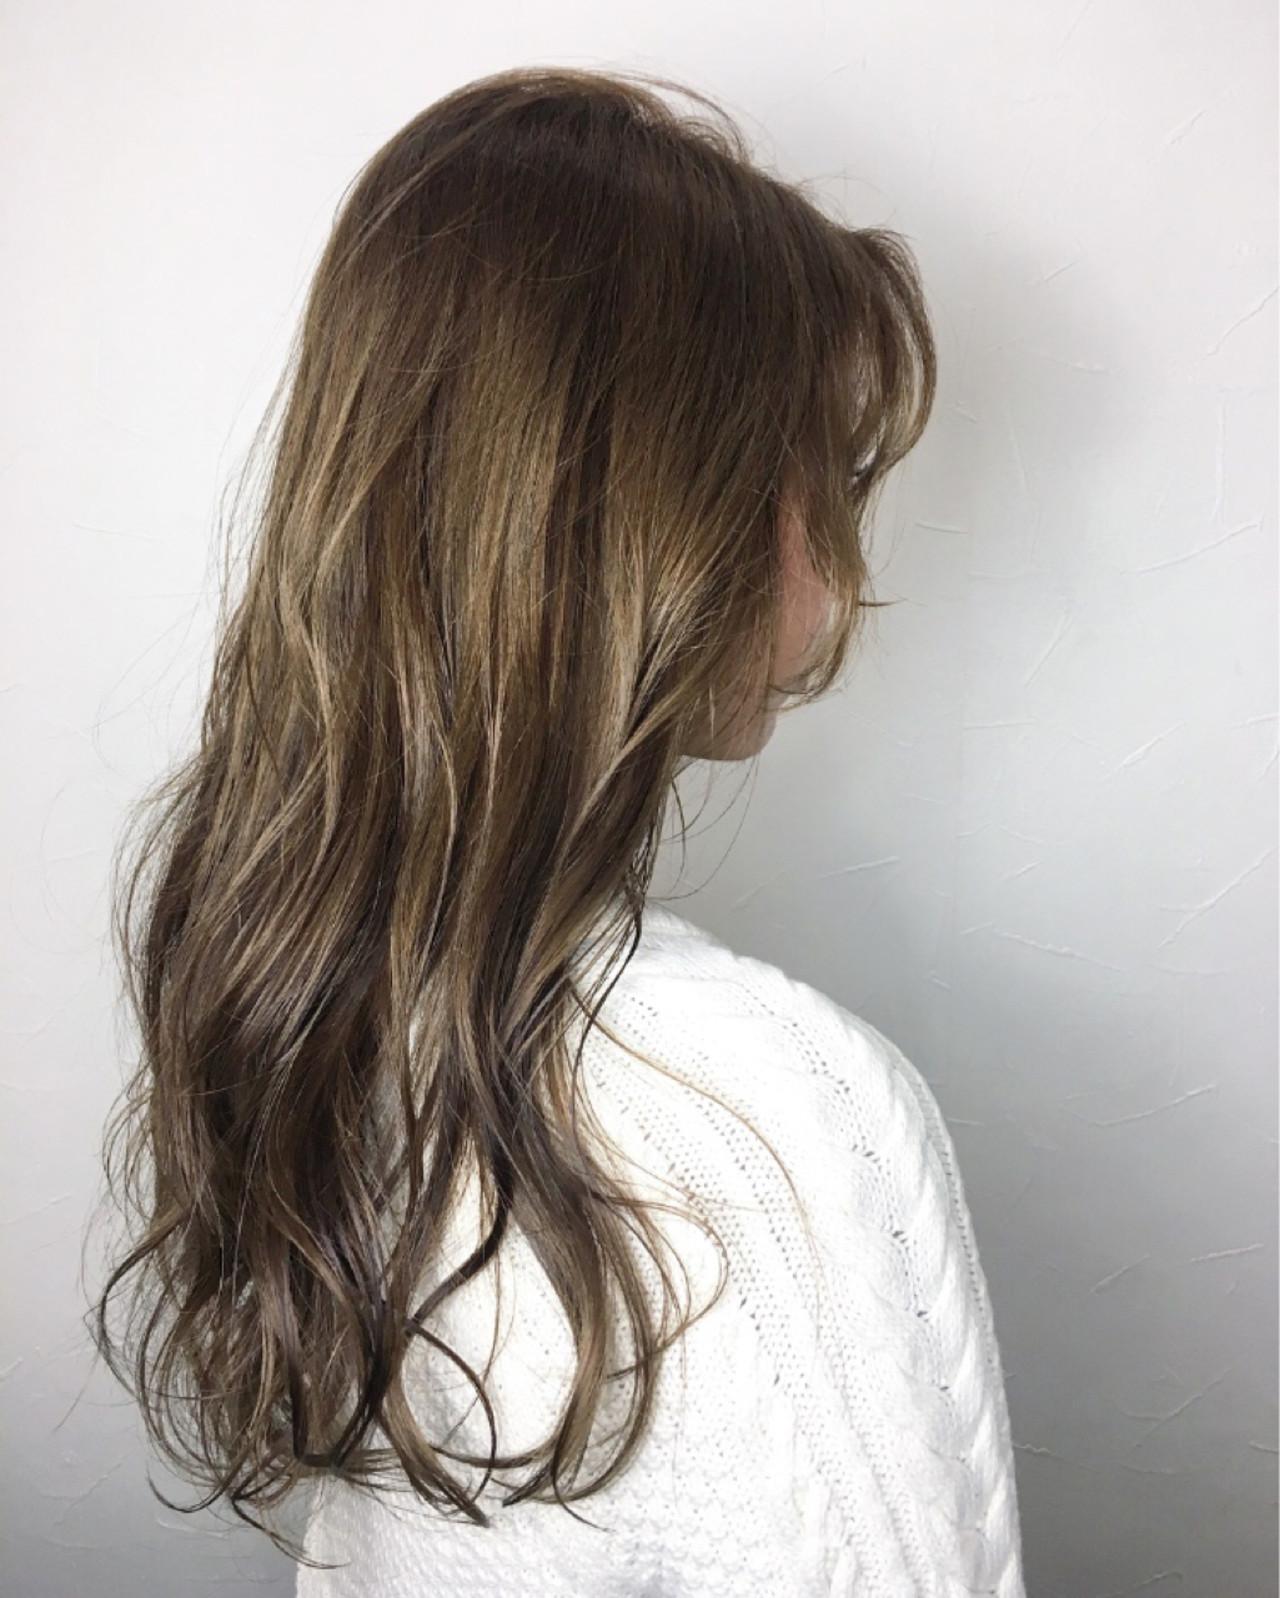 フェミニン 春 ロング ウェットヘア ヘアスタイルや髪型の写真・画像